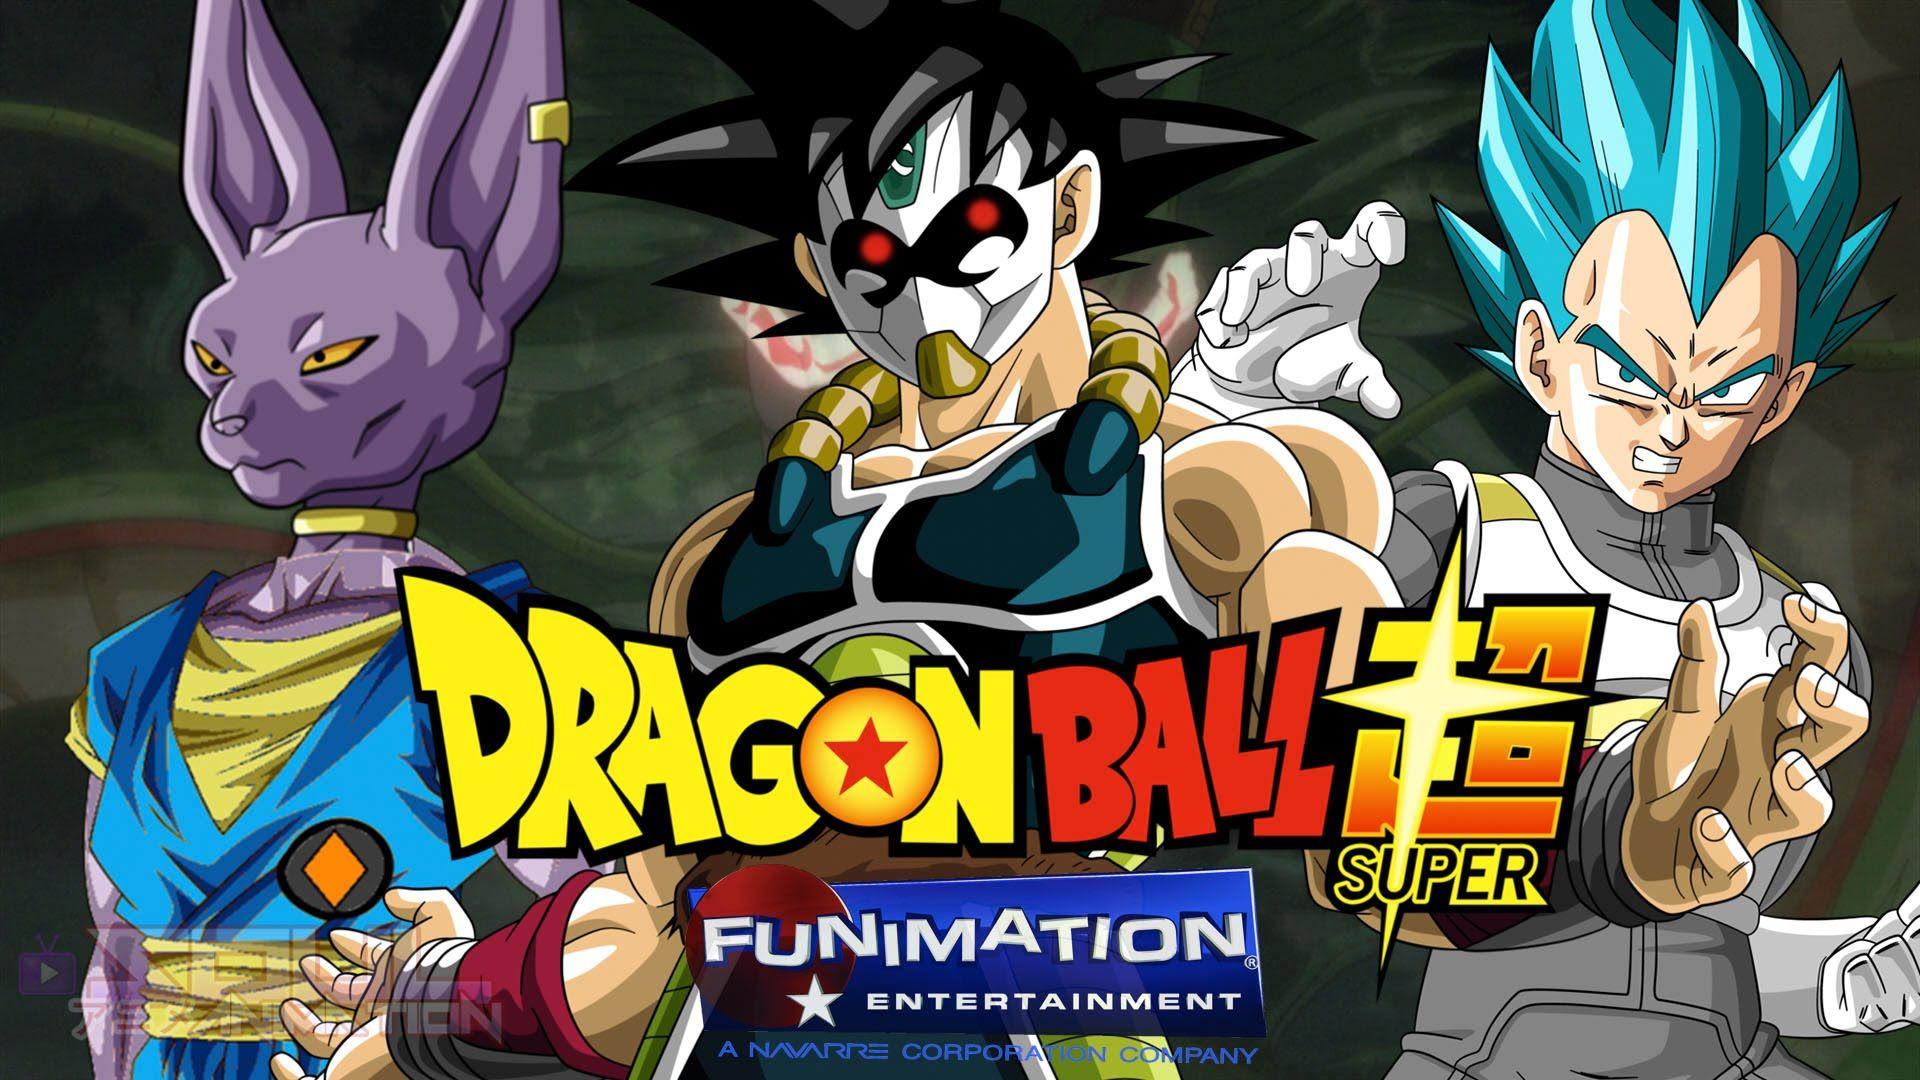 Xem phim Dragon Ball Super Tập 129 vietsub | Tổng Hợp, Tập 129 7 viên. Truy  cập